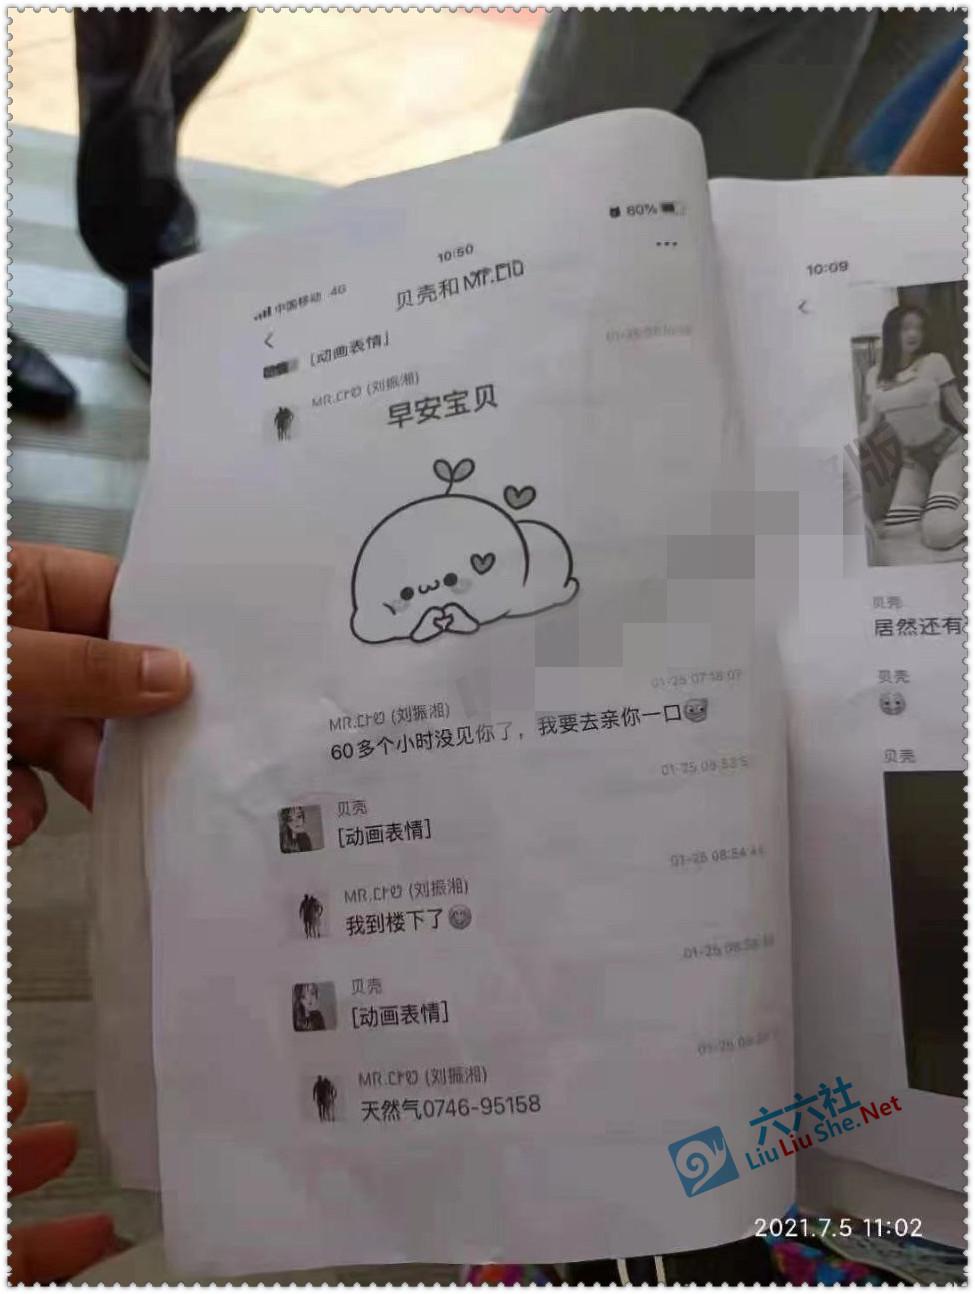 永州农商银行瓜 是怎么回事?附:刘某湘与柜员蒋某的暧昧聊天记录 吃瓜基地 第7张